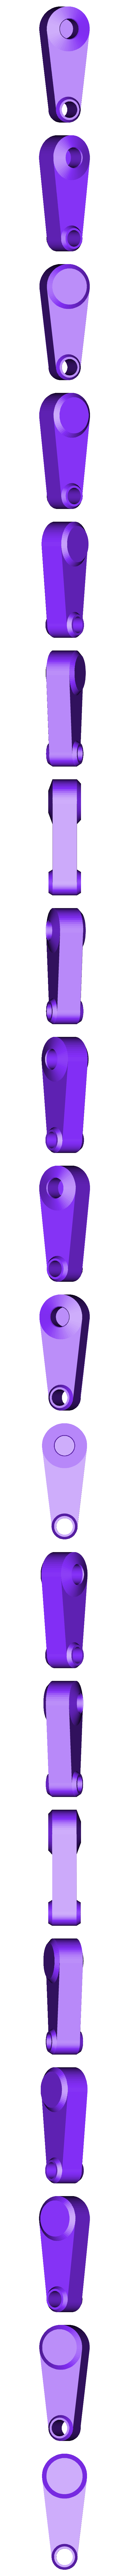 08_Kurbel01.obj Télécharger fichier OBJ gratuit Nemoriko's : Petite chenille hétéroclite • Objet pour imprimante 3D, Nemoriko